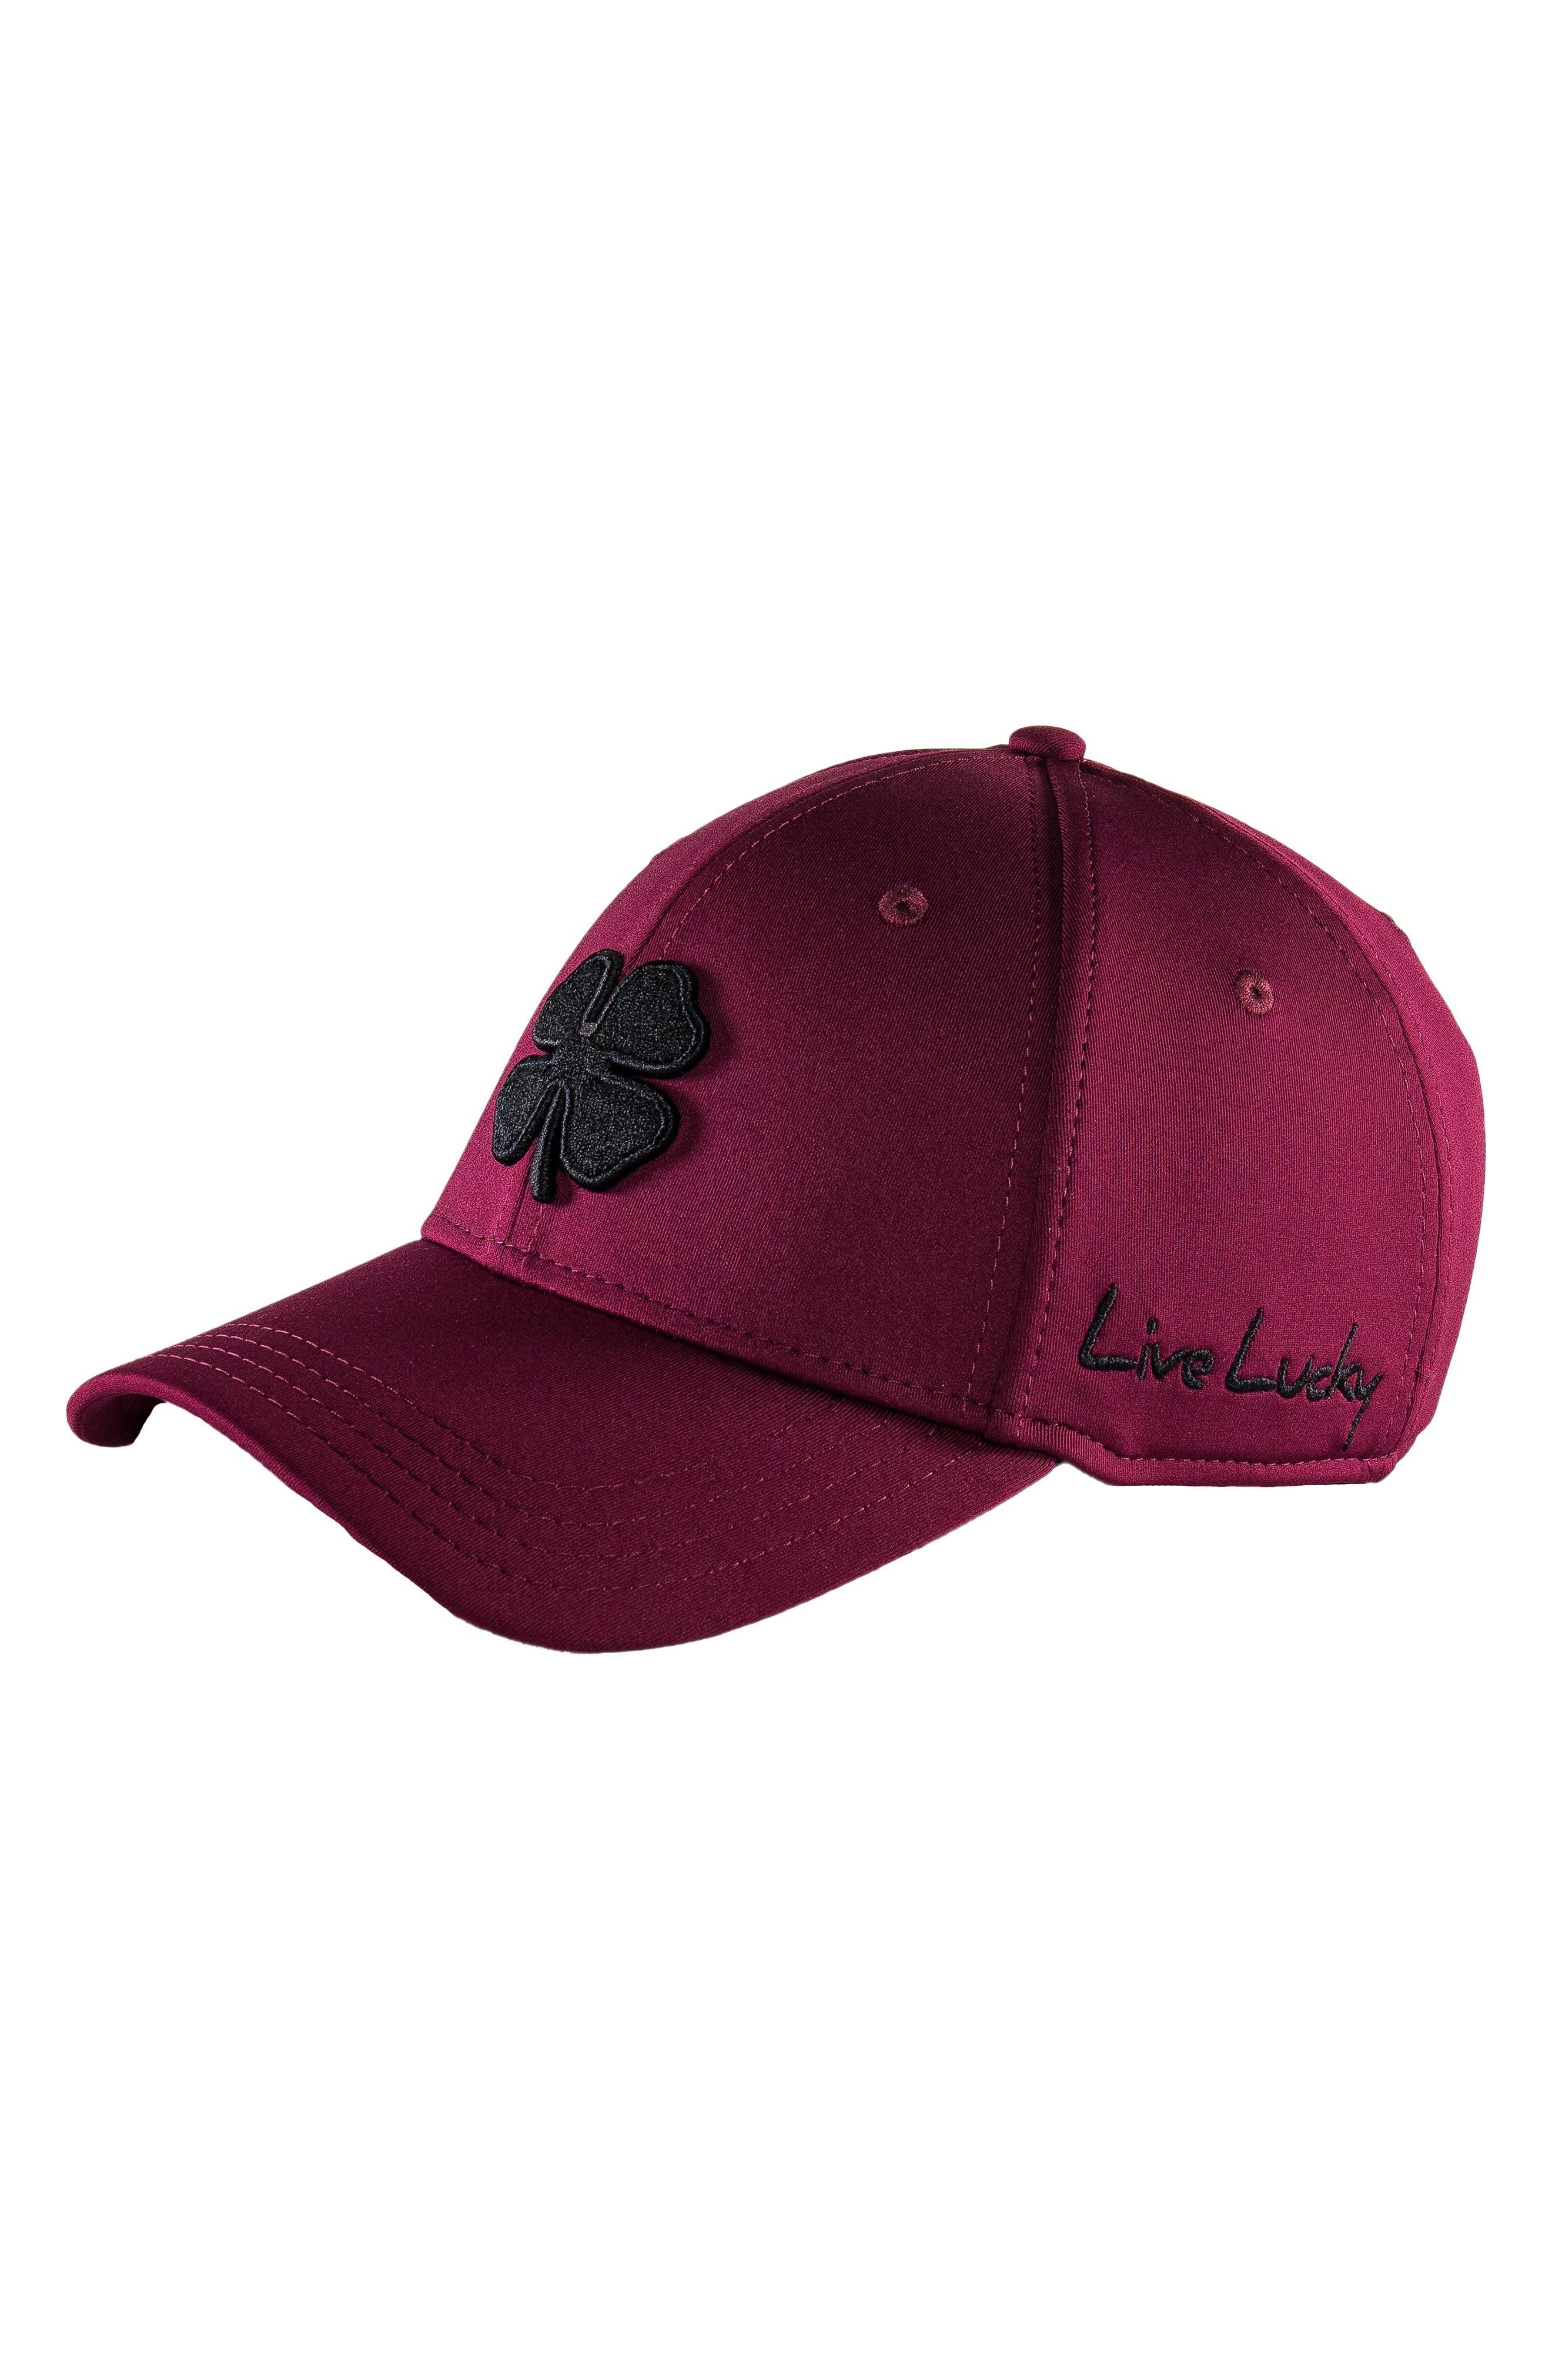 Premium Clover 39 Baseball Cap